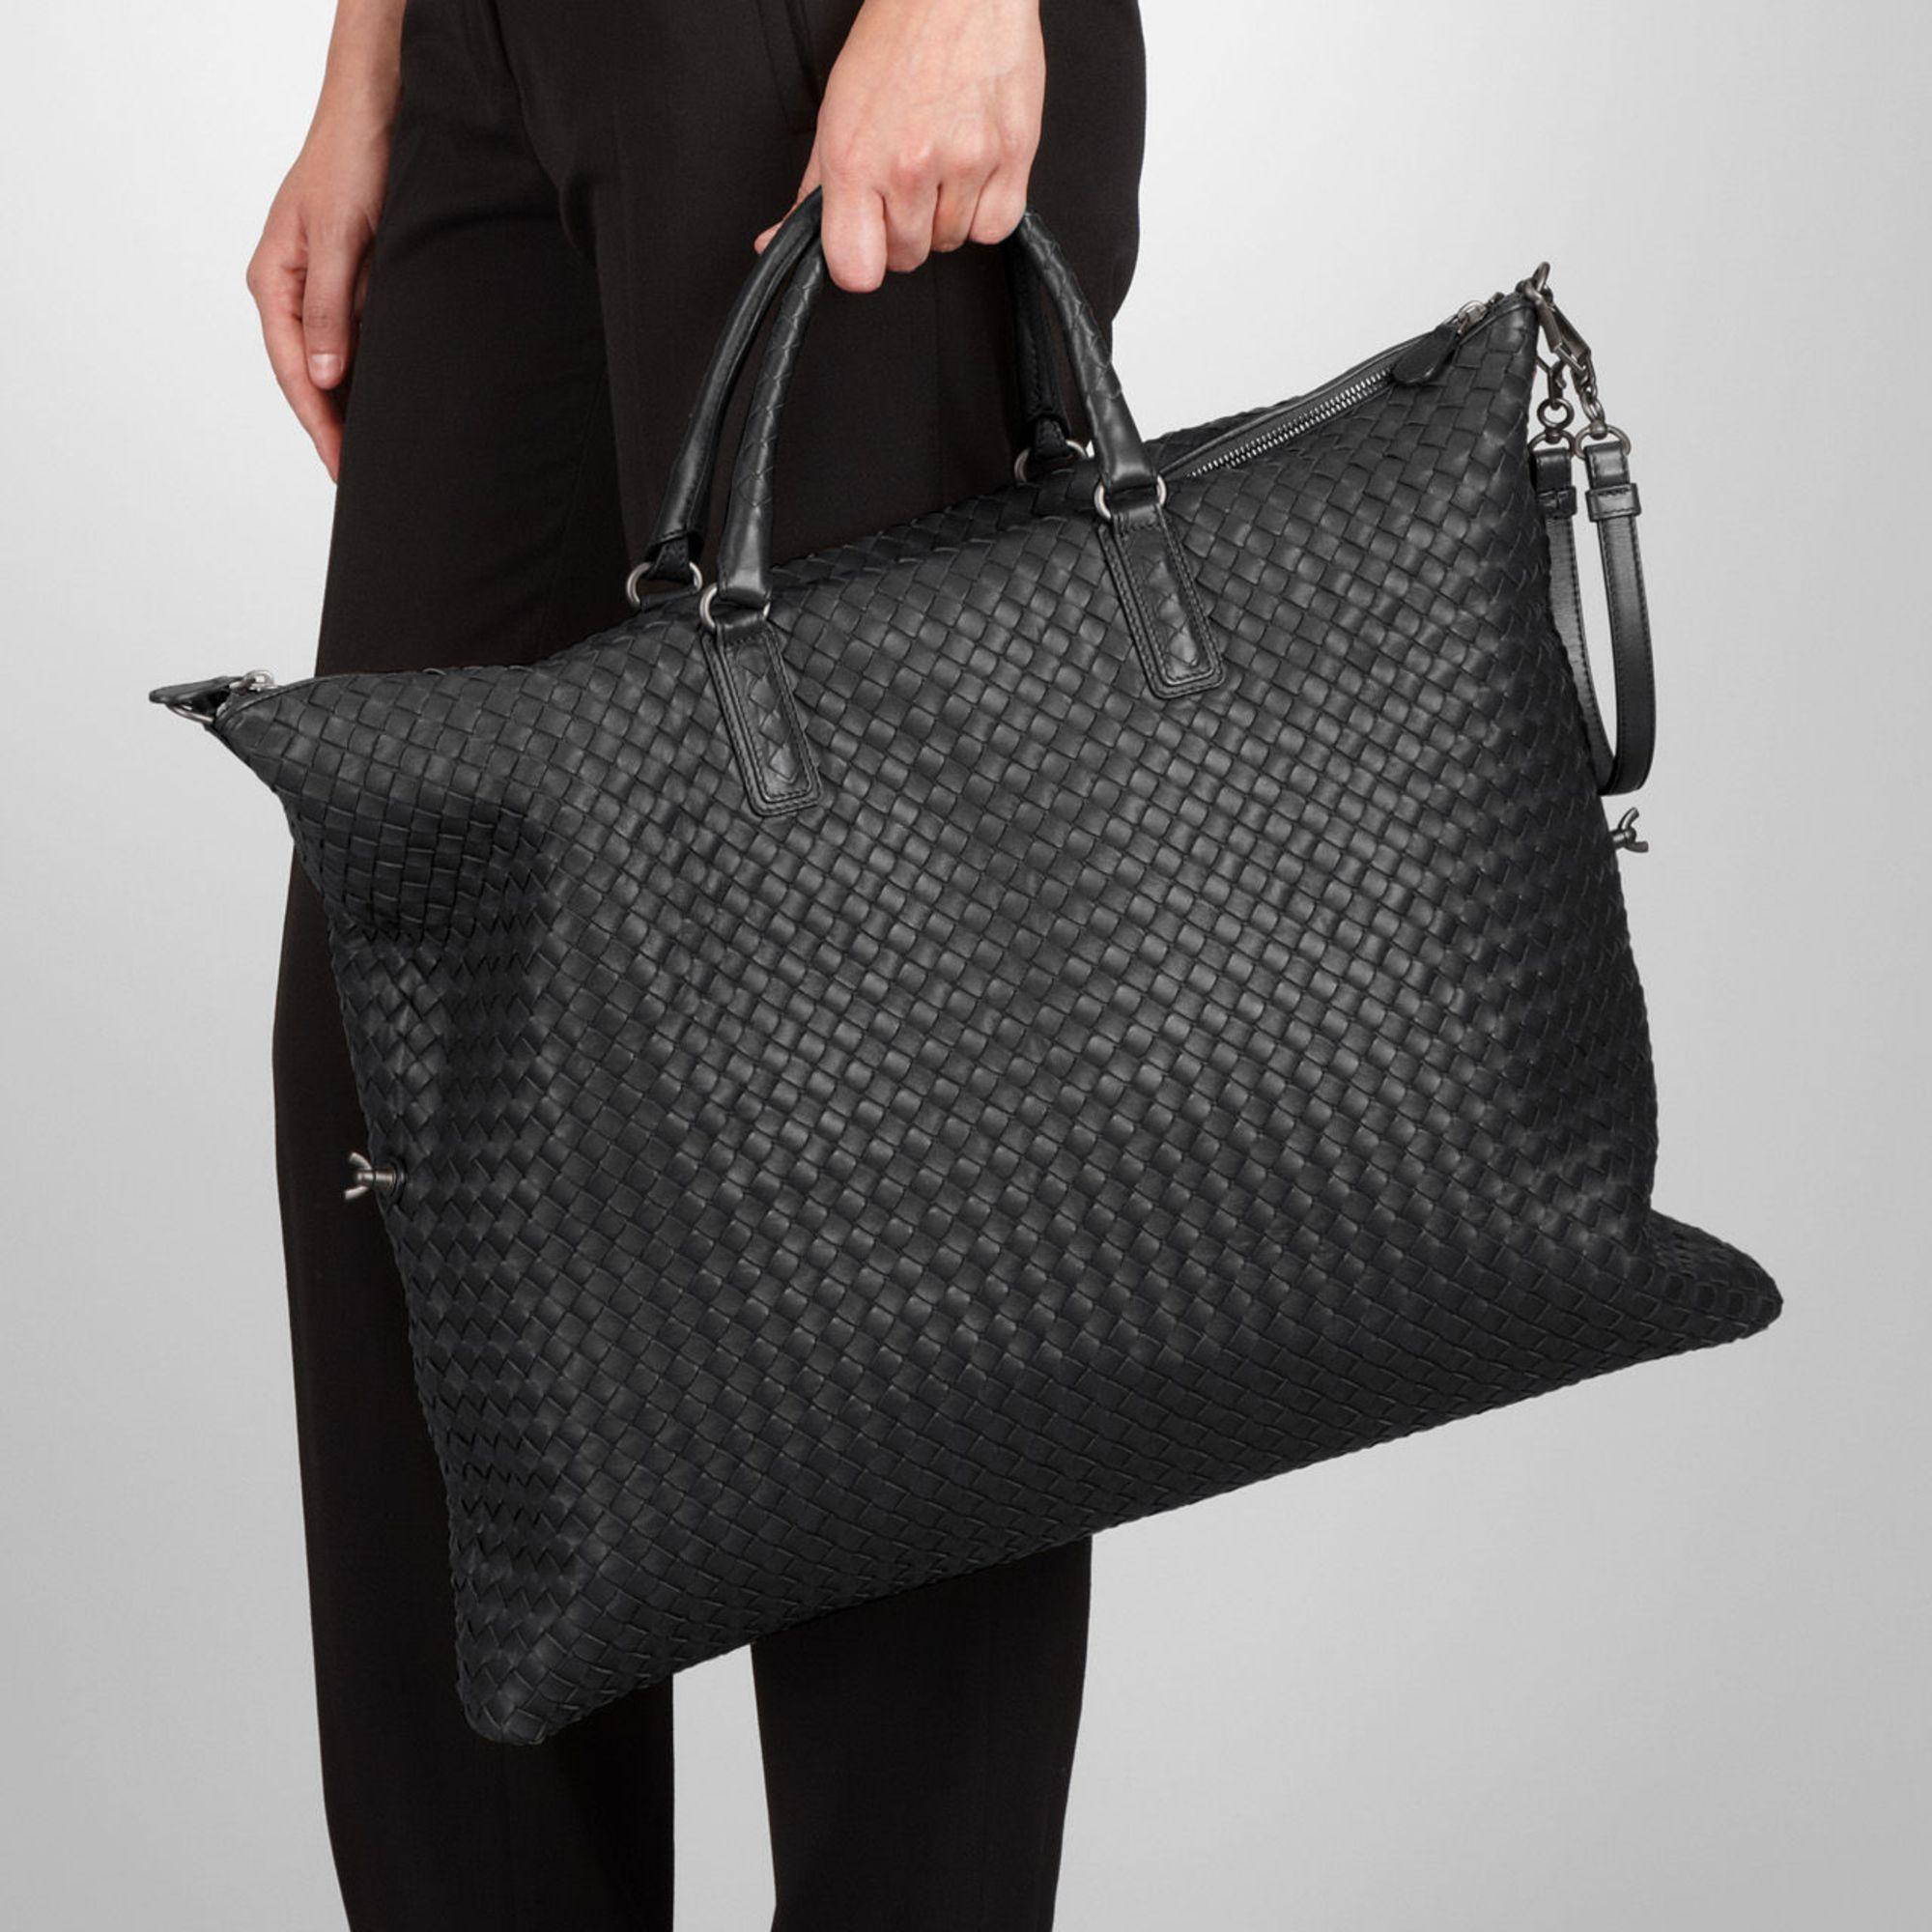 b4f3a53e726e Bottega Veneta Maxi Convertible Bag In Nero Intrecciato Nappa in ...